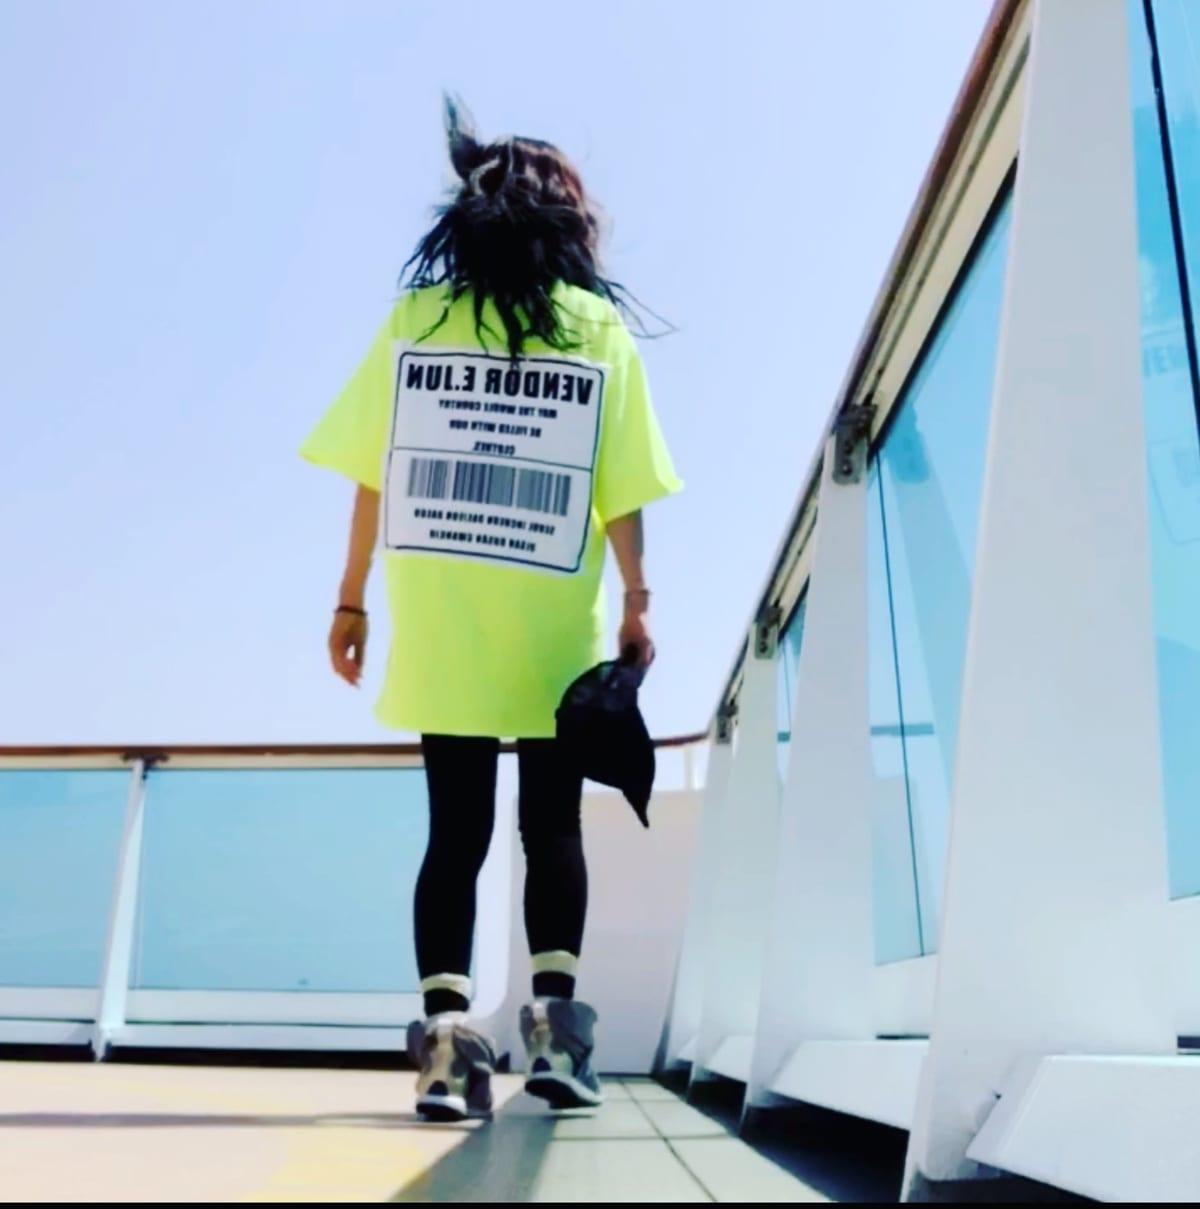 釜山で買ったTシャツ。11階デッキは開放感抜群で暇があればココに来て海と空を眺めました。   客船コスタ・ネオロマンチカの乗客、船内施設